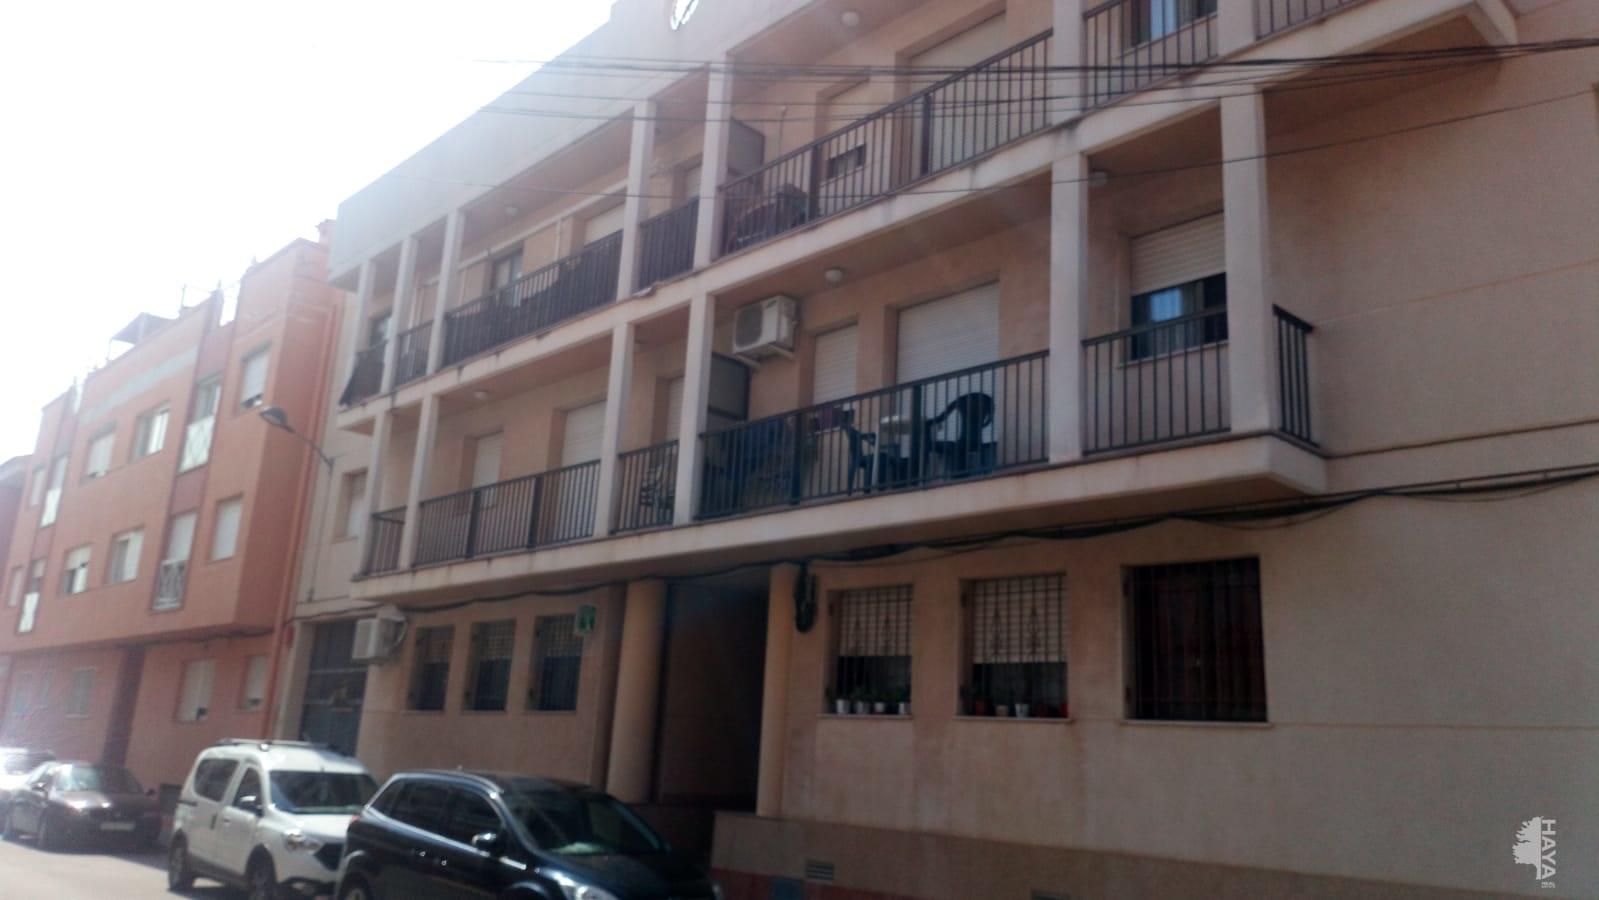 Piso en venta en Torrenostra, Torreblanca, Castellón, Calle Freginals, 85.235 €, 3 habitaciones, 2 baños, 121 m2